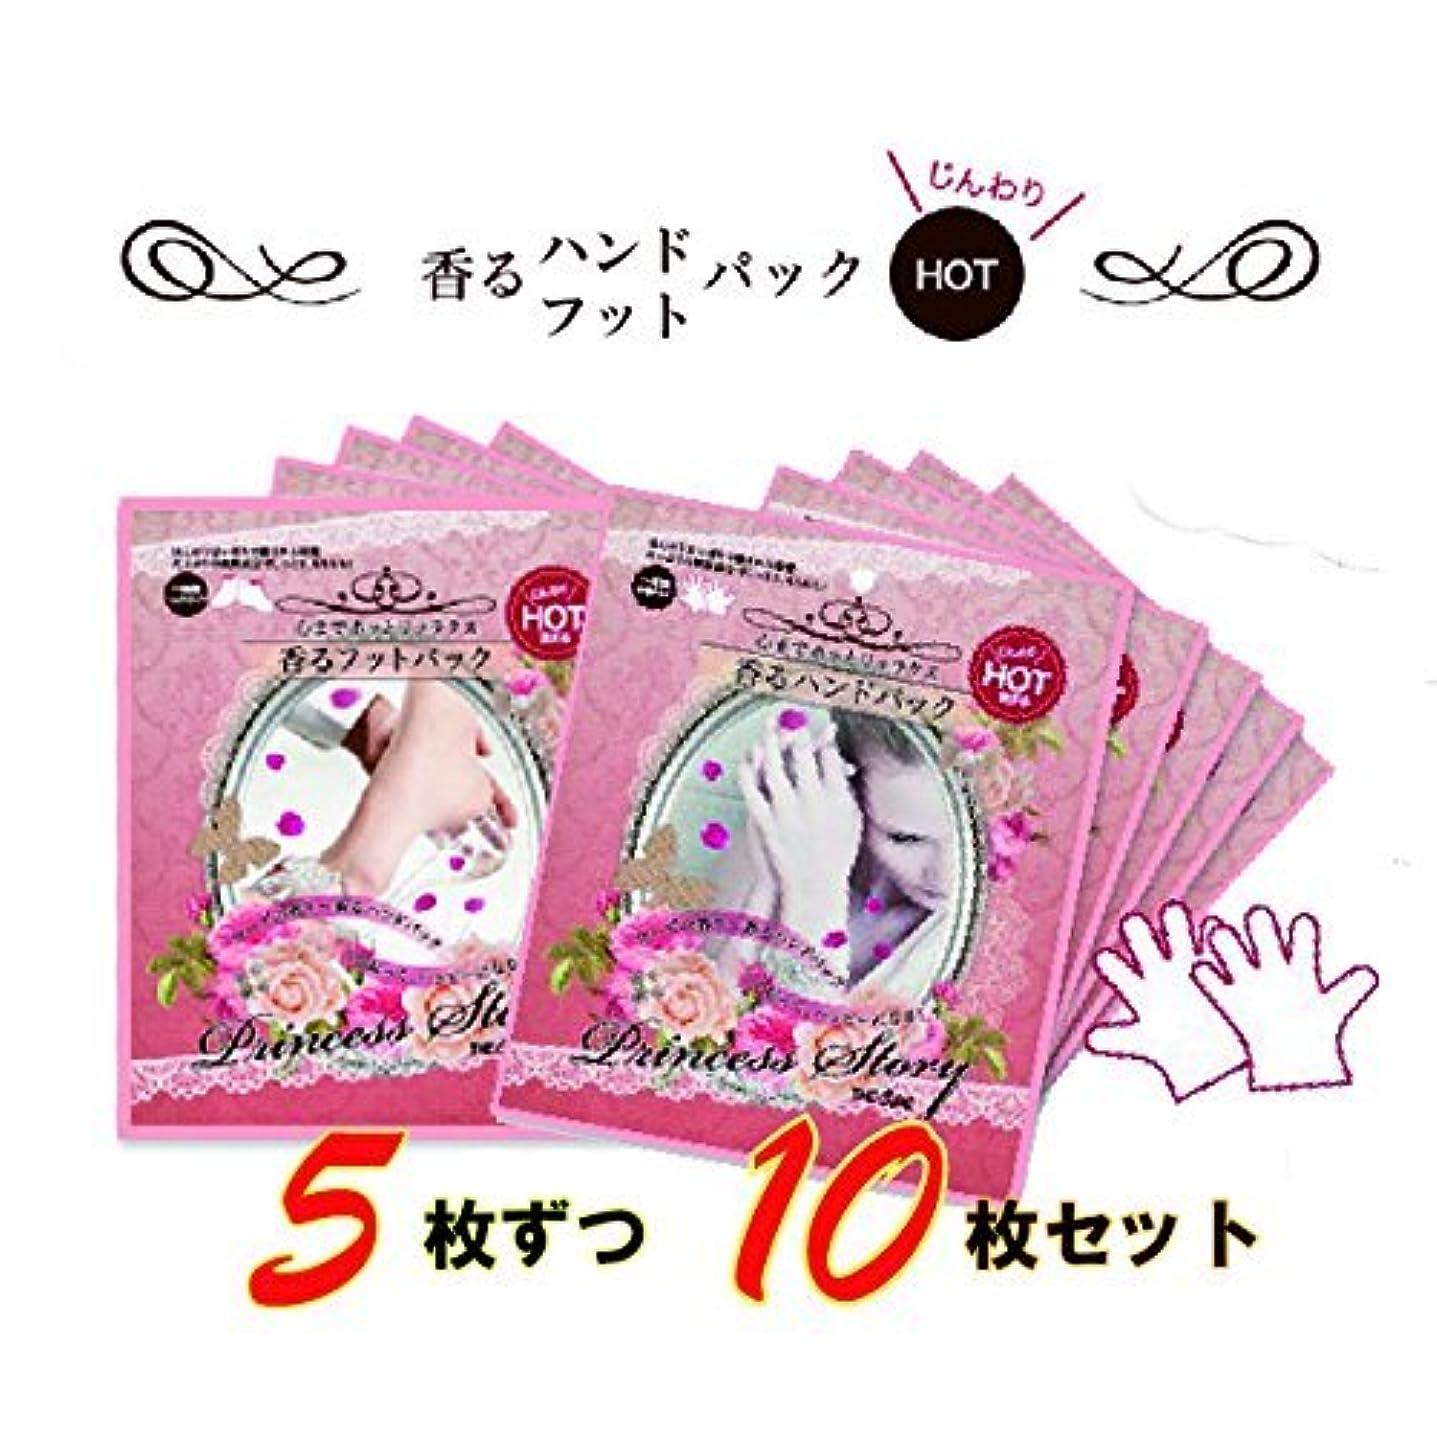 キャンプポスタージュニア香るハンド &フットパック HOT キュア プリンセス ストーリーTHE CURE 5枚ずつ10枚セット